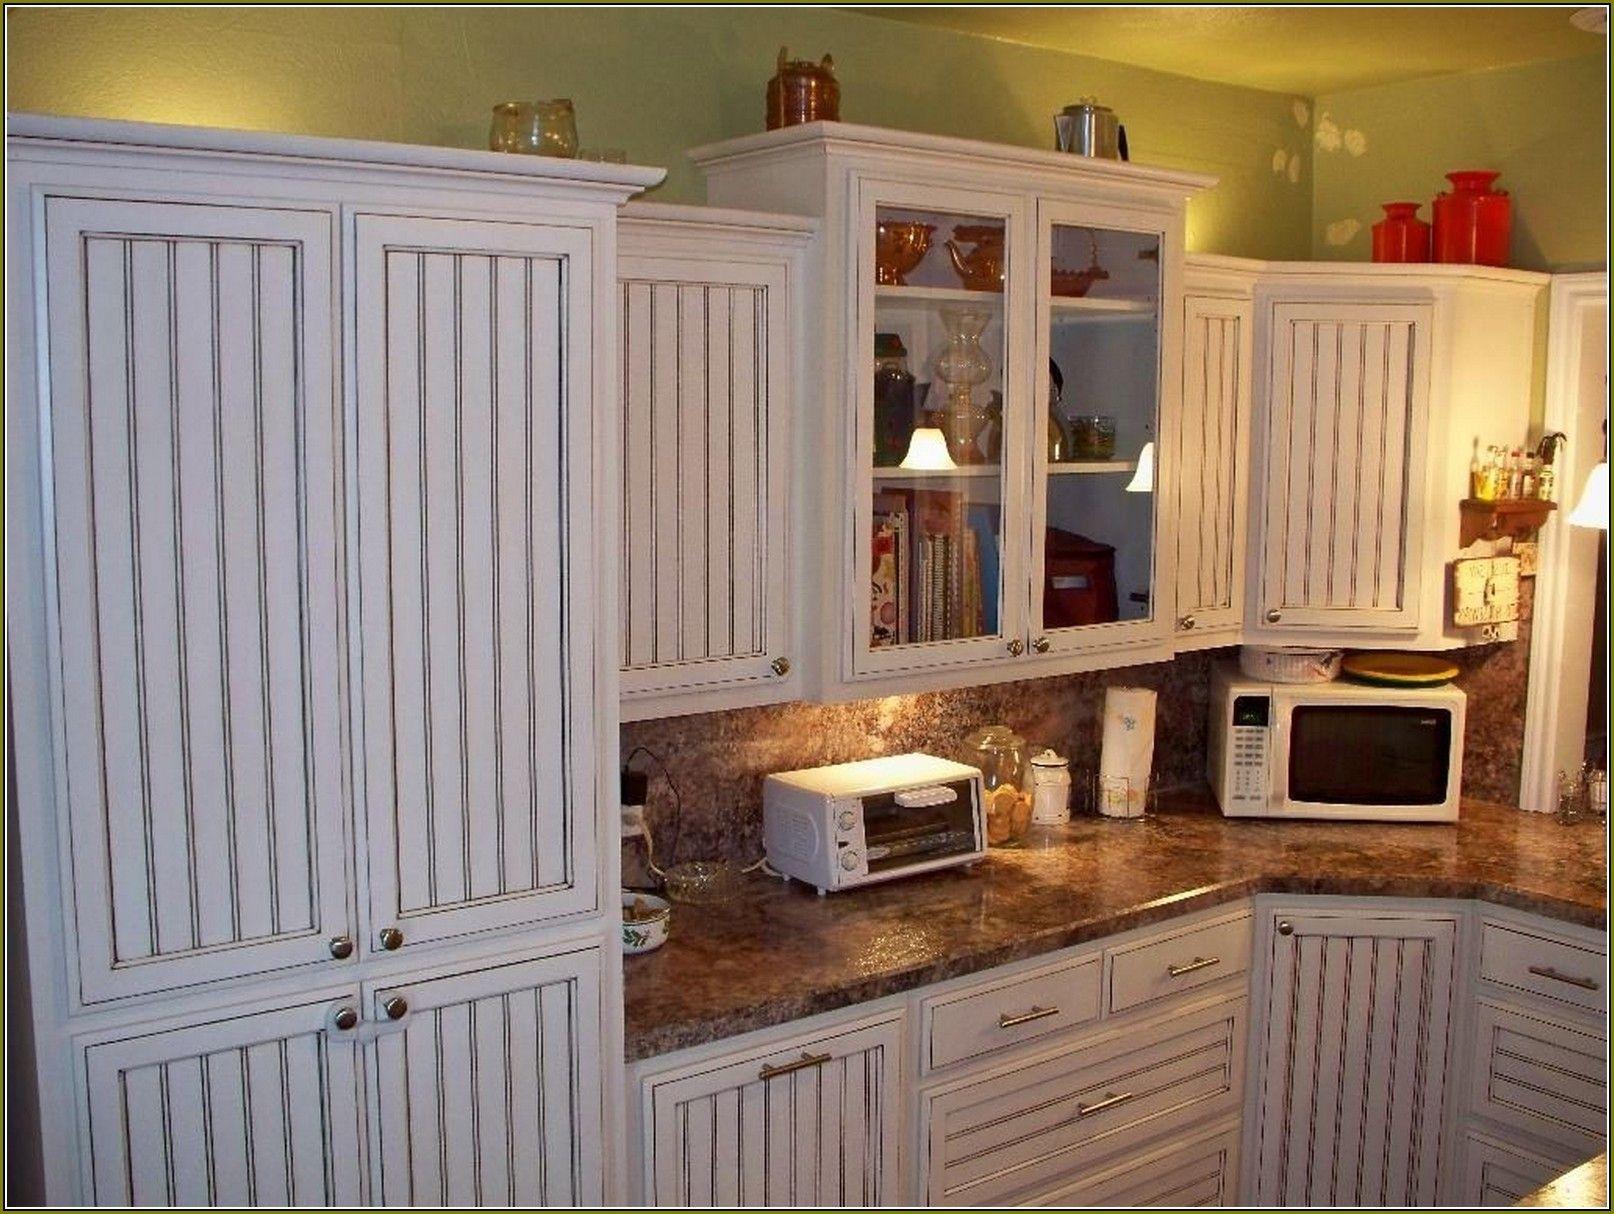 Refacing Cabinet Doors With Beadboard Beadboard Kitchen Cabinets Beadboard Kitchen Cabinet Door Designs